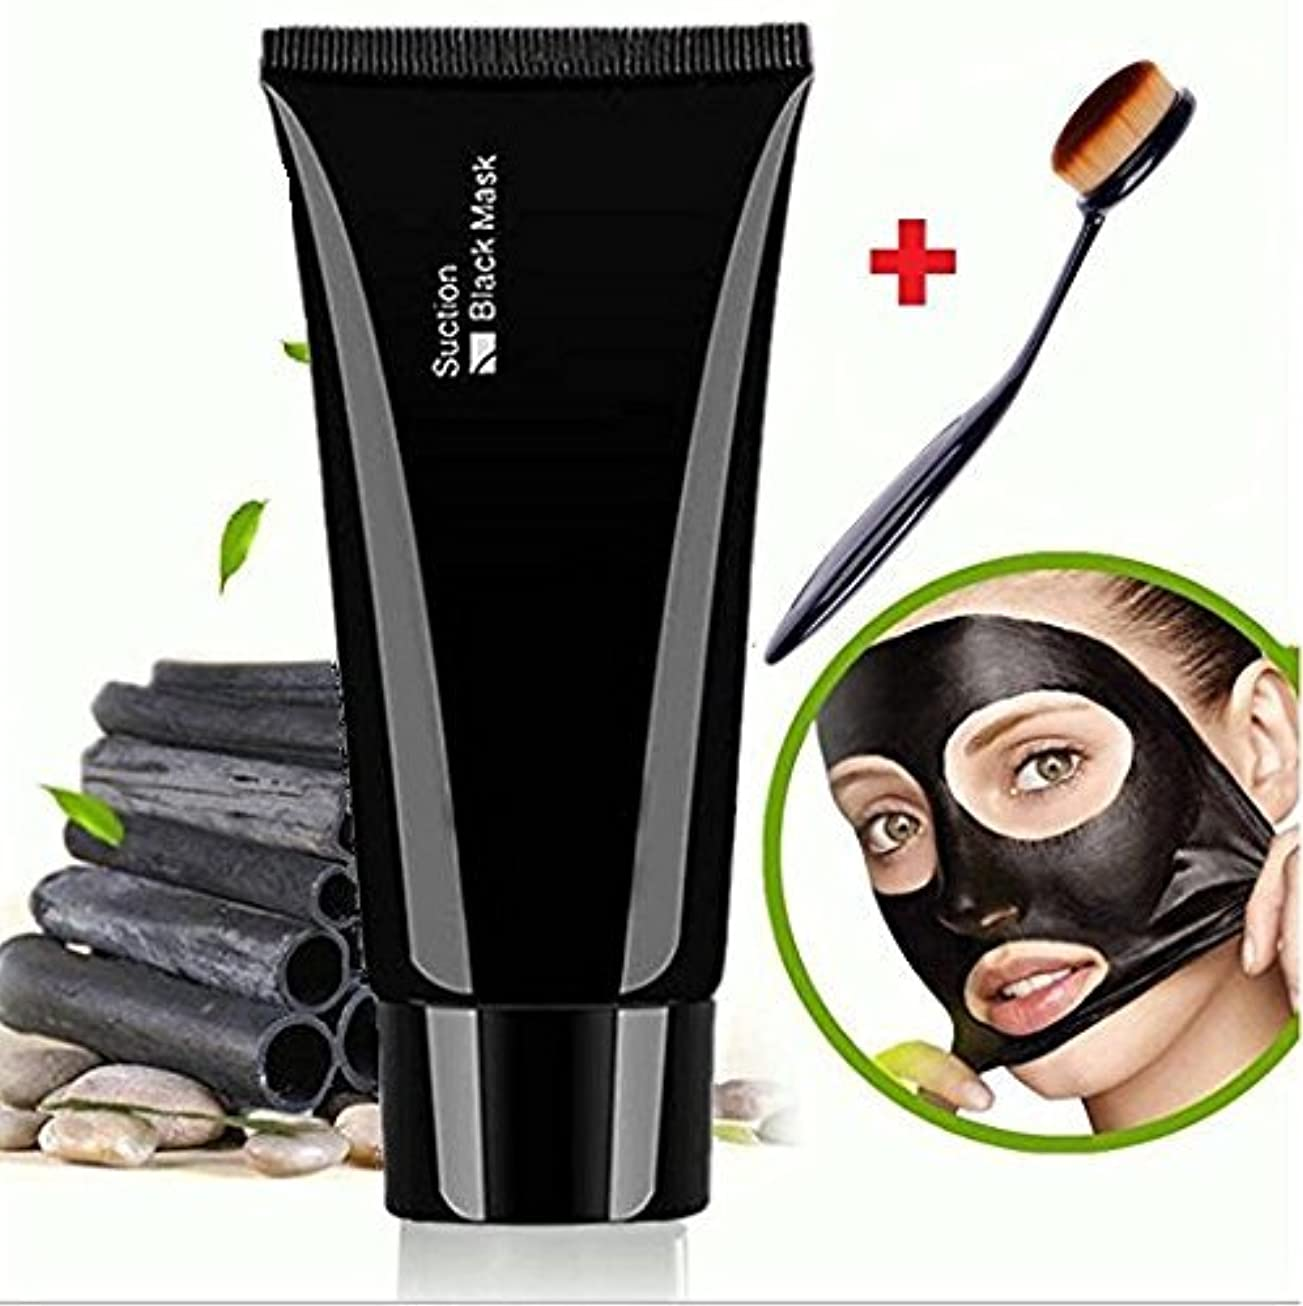 ダイヤルプロフィール葉Facial Mask Black, Face Apeel Cleansing Mask Deep Cleanser Blackhead Acne Remover Peel off Mask + Oval Brush